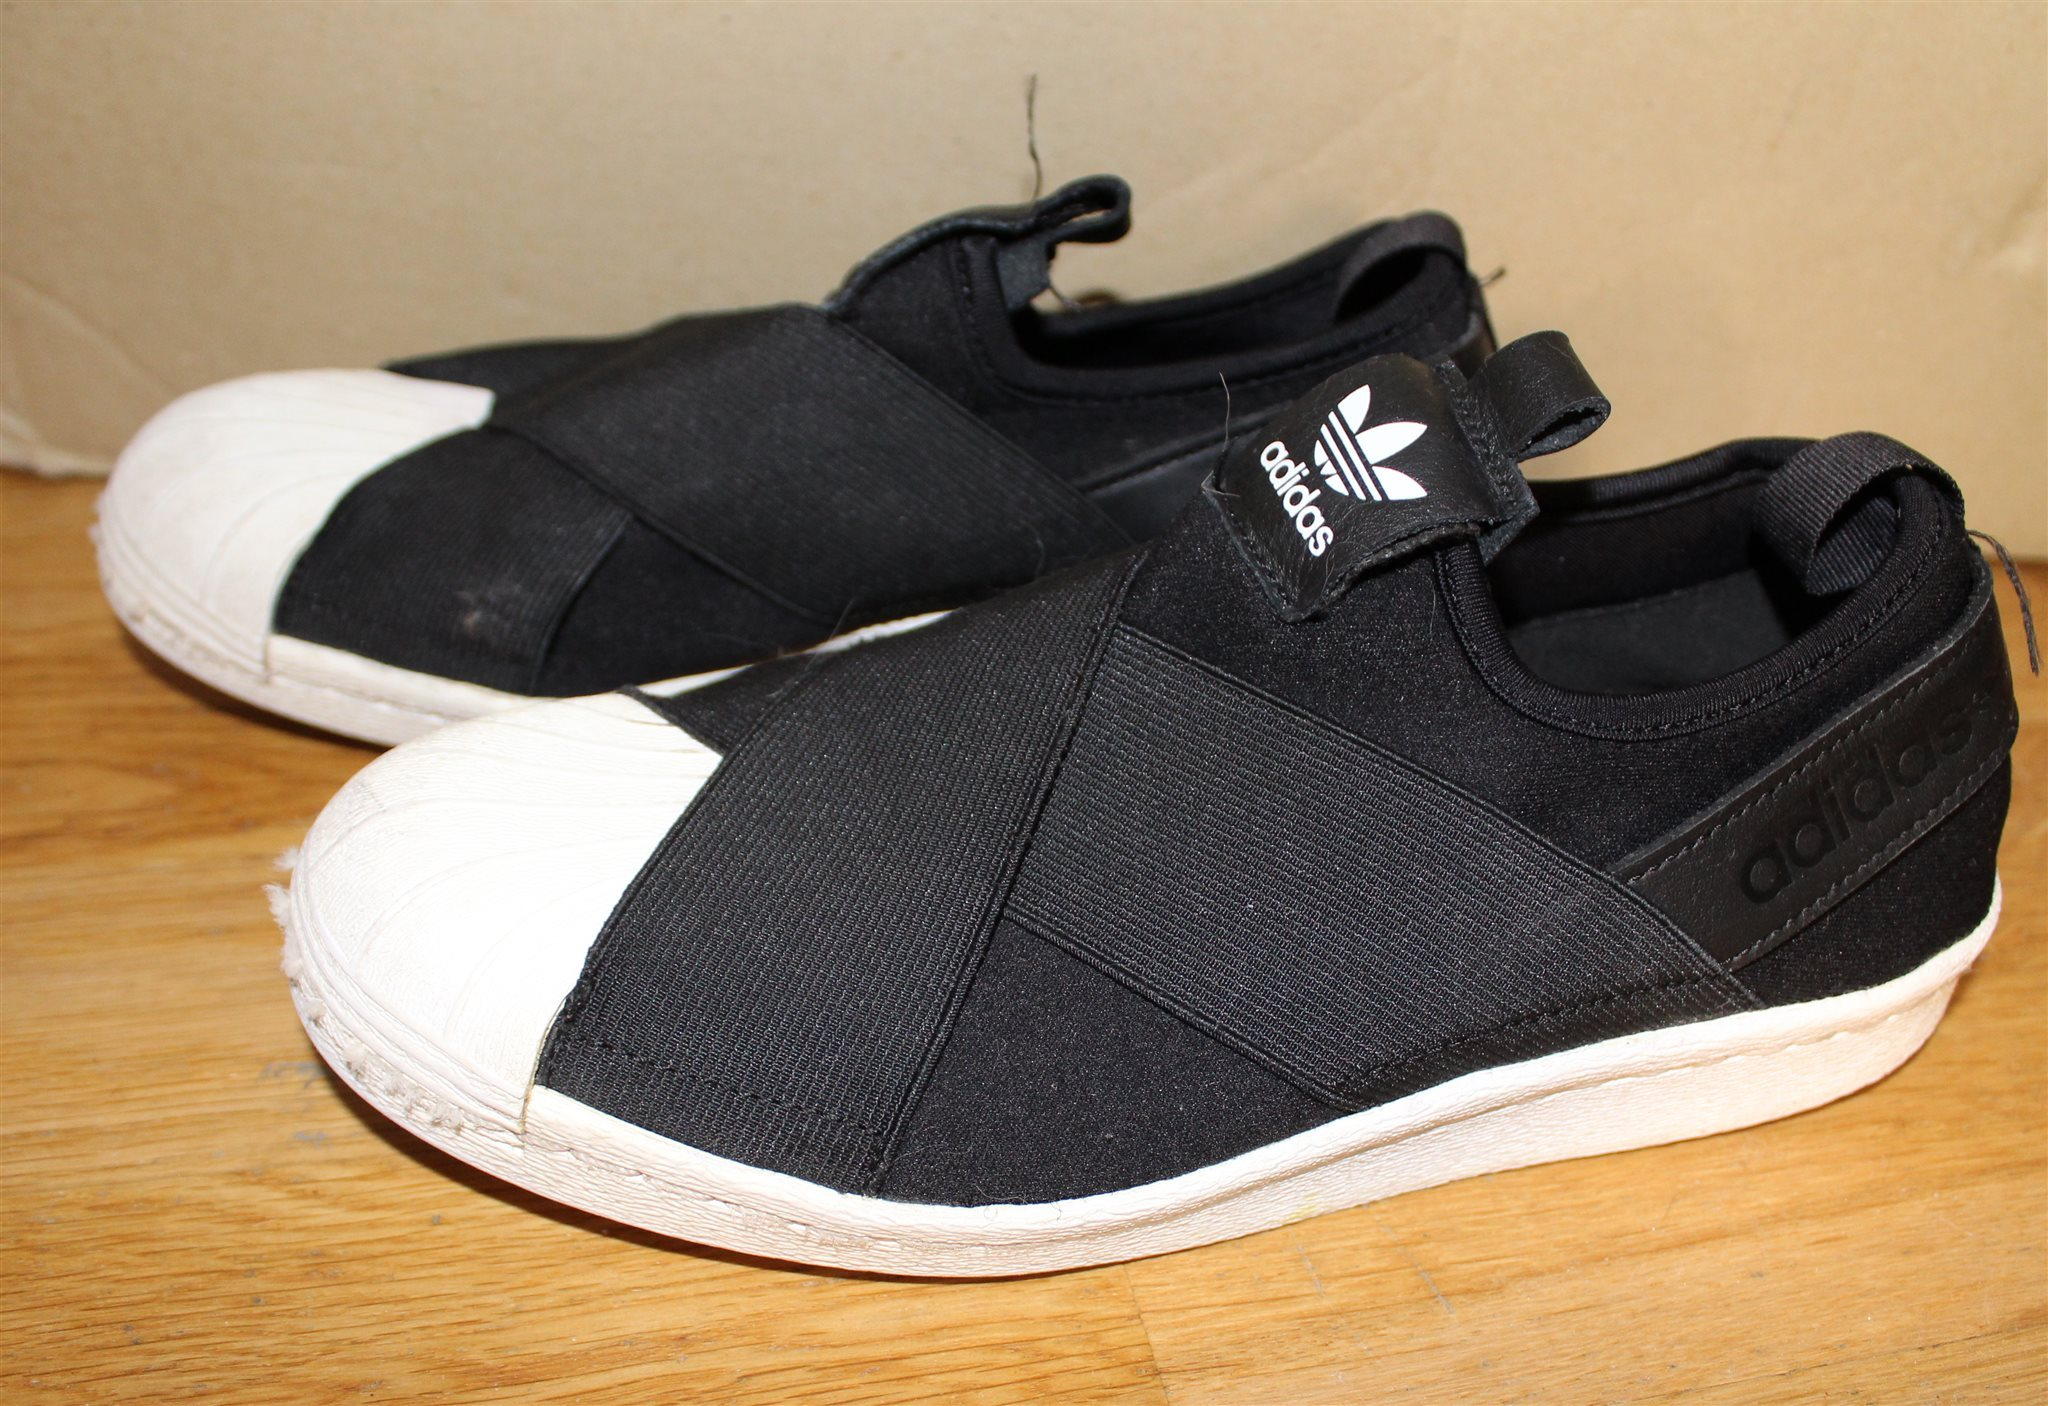 new style c918f 4024a Storlek Adidas Skor 316765959 38 Snygga 0fEdHwqq